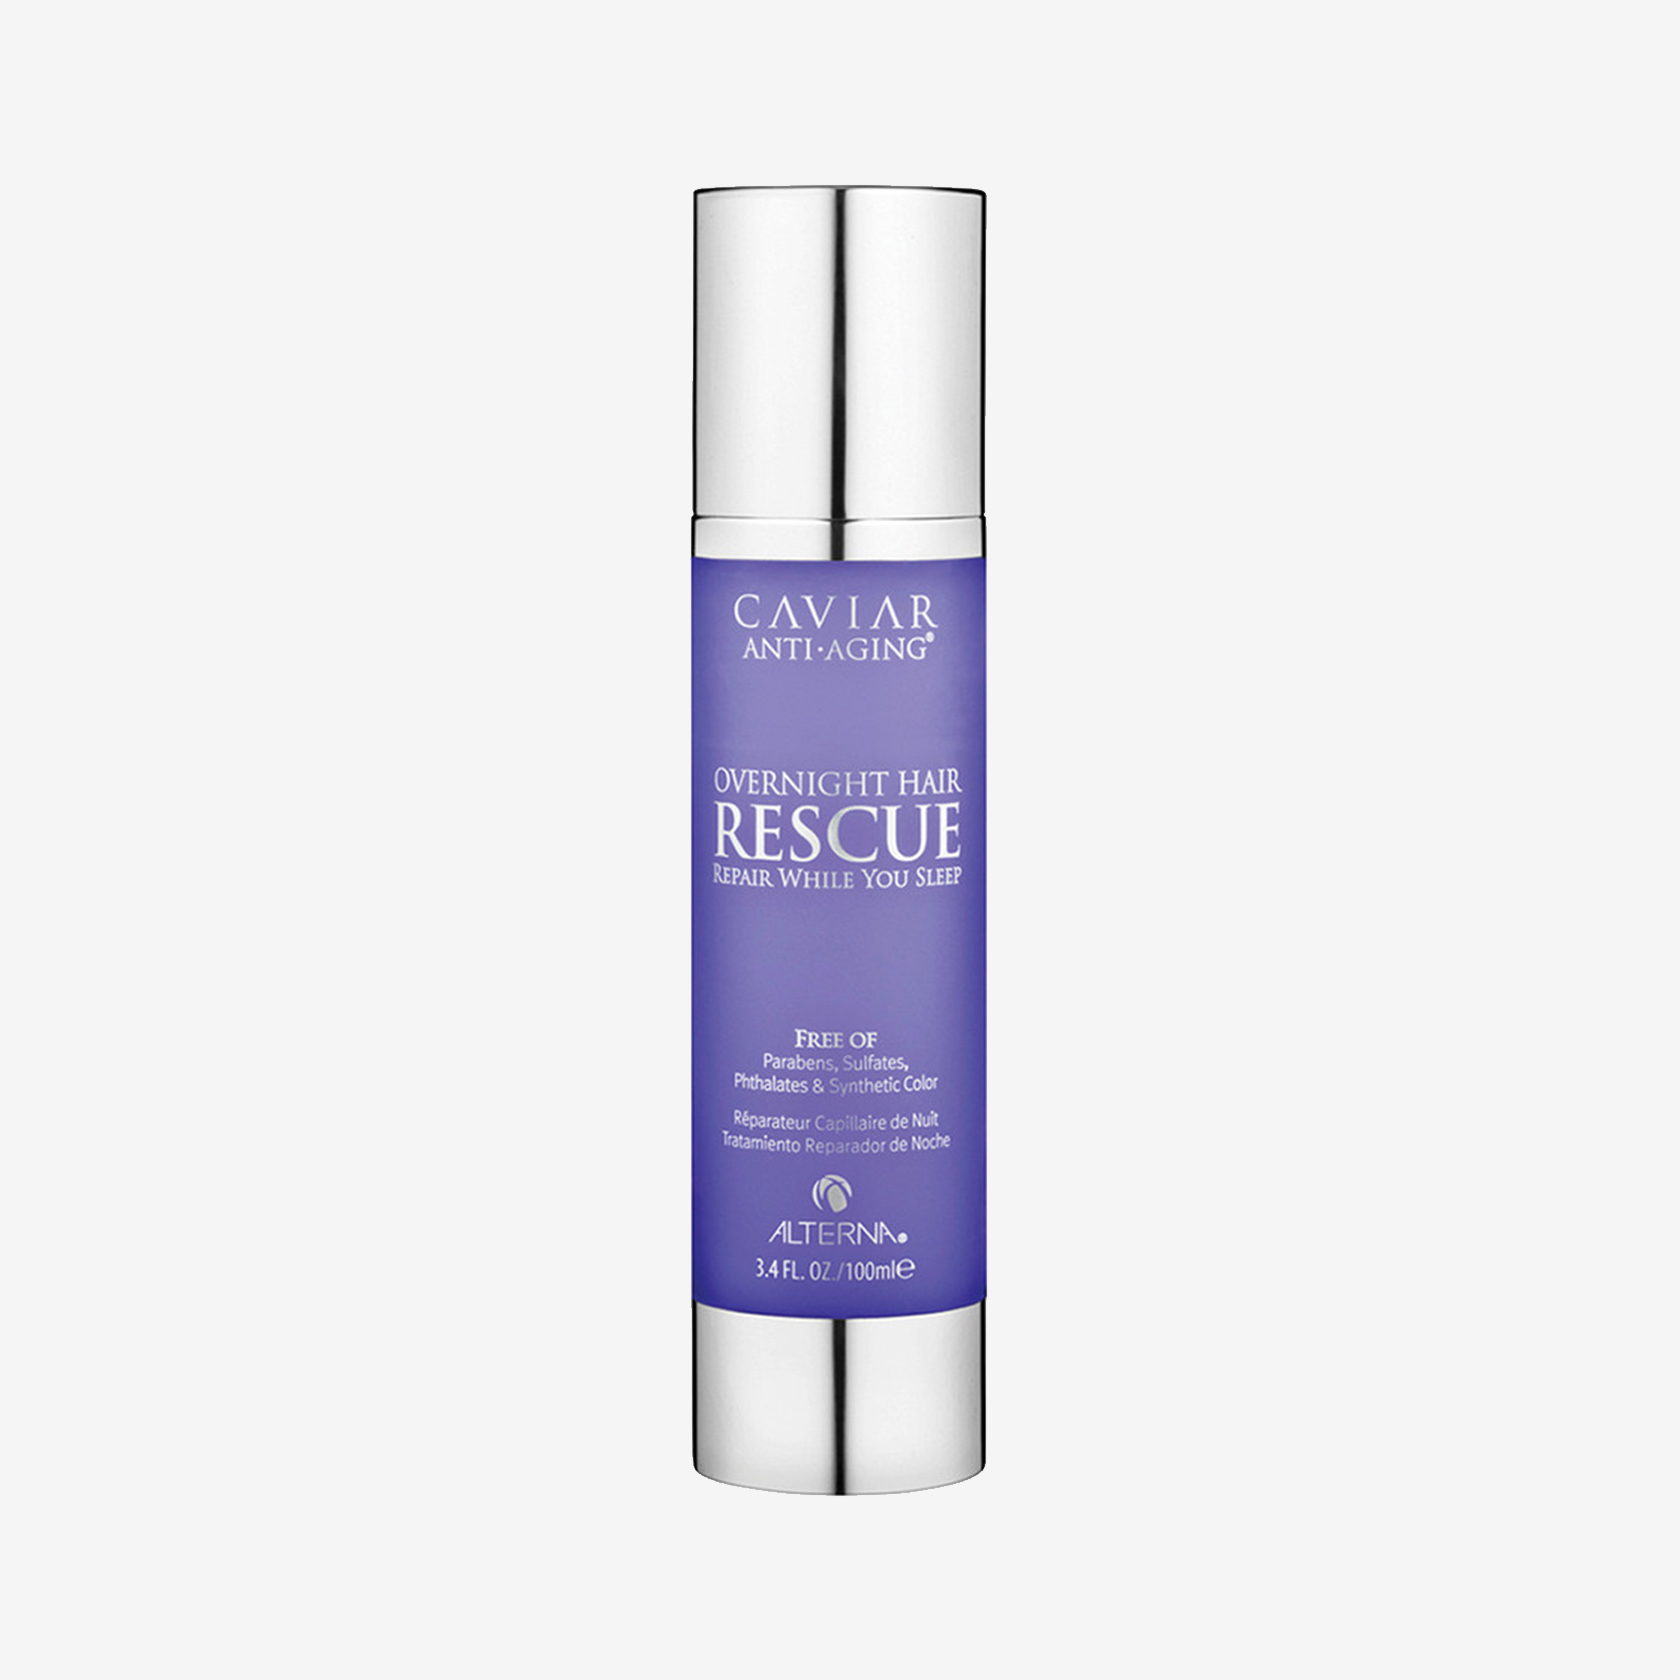 Ночное средство для восстановления волос Overnight Hair Rescue Caviar, Alterna